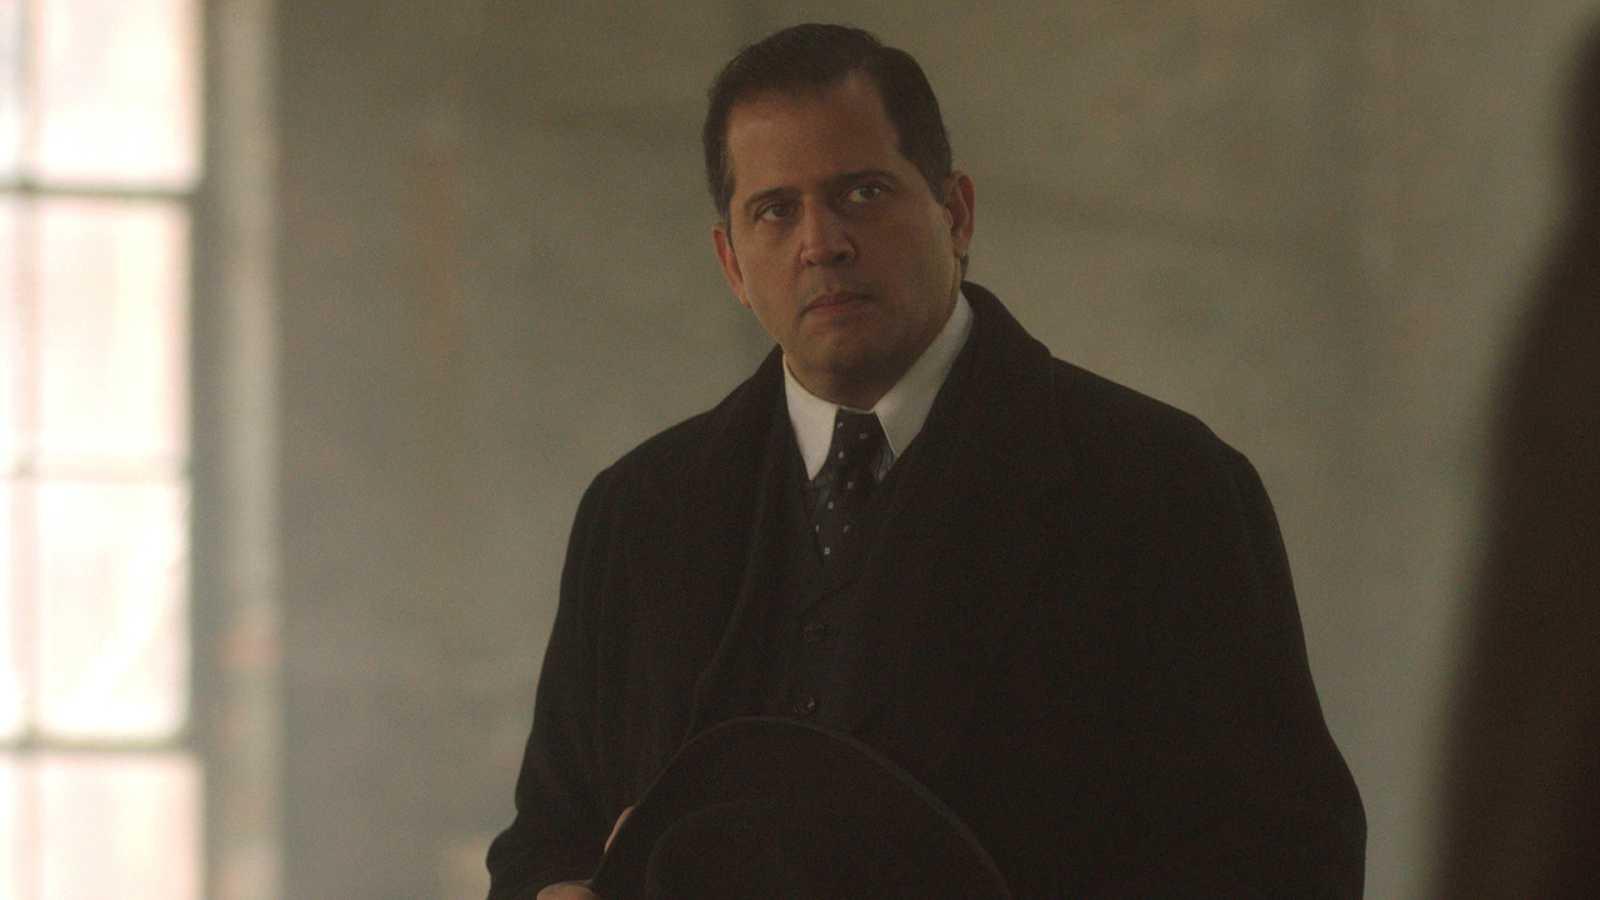 Los orígenes de la mafia: Nueva York - Episodio 6: La mafia durante la guerra - Ver ahora